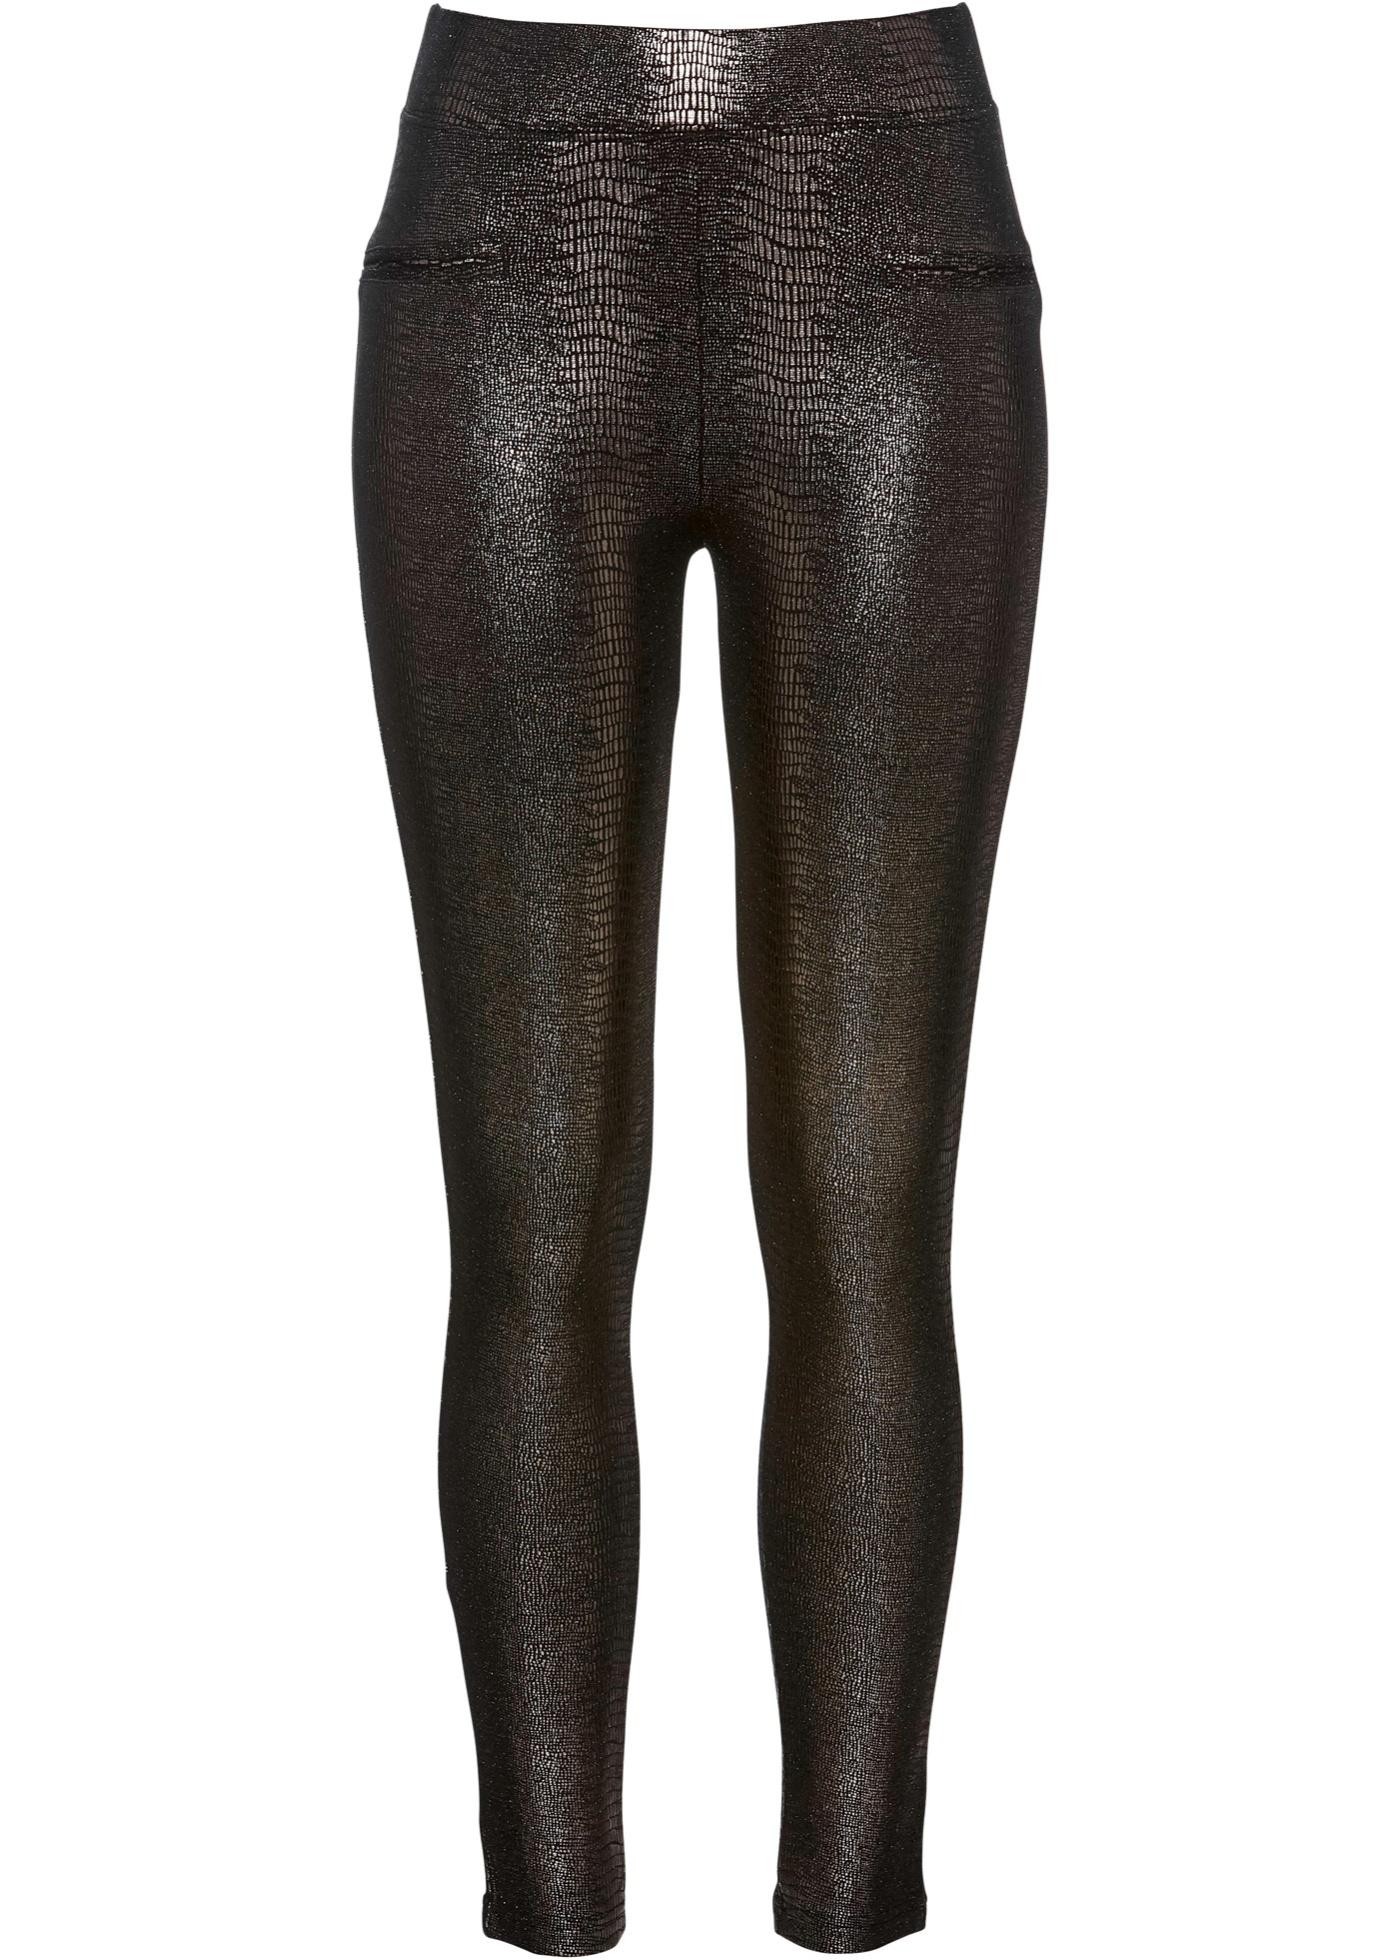 Brillant Pour Noir Bpc Femme Premium BonprixLegging Selection Nvm0w8n